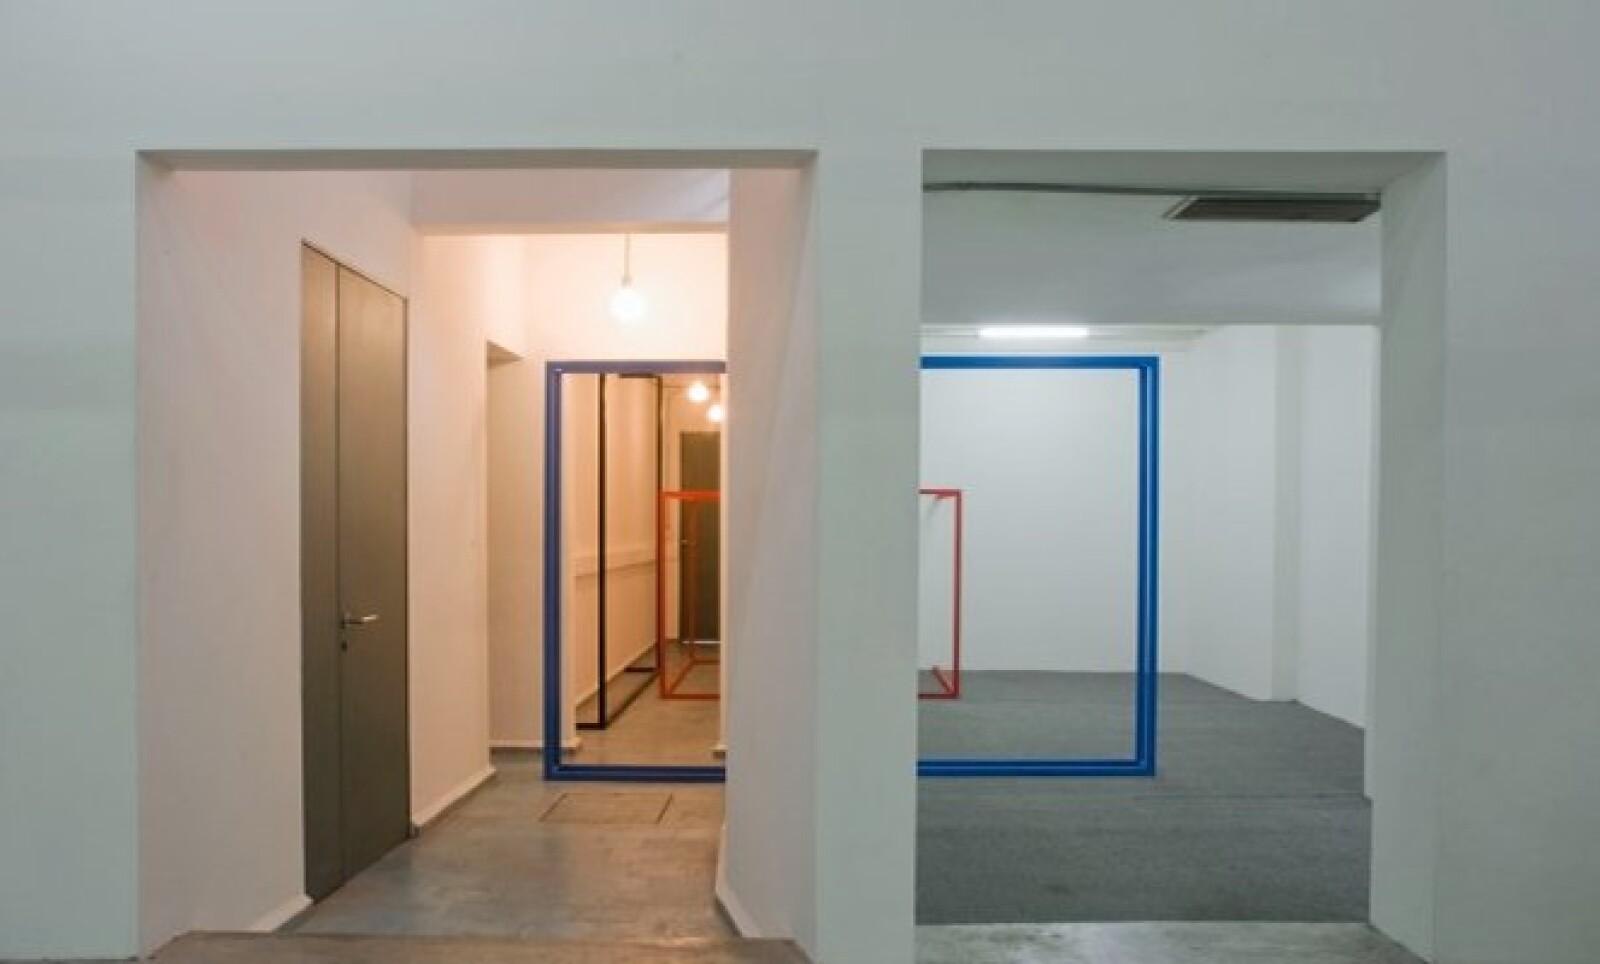 Tiene excelentes artistas internacionales y exposiciones de instalaciones, performance y video.